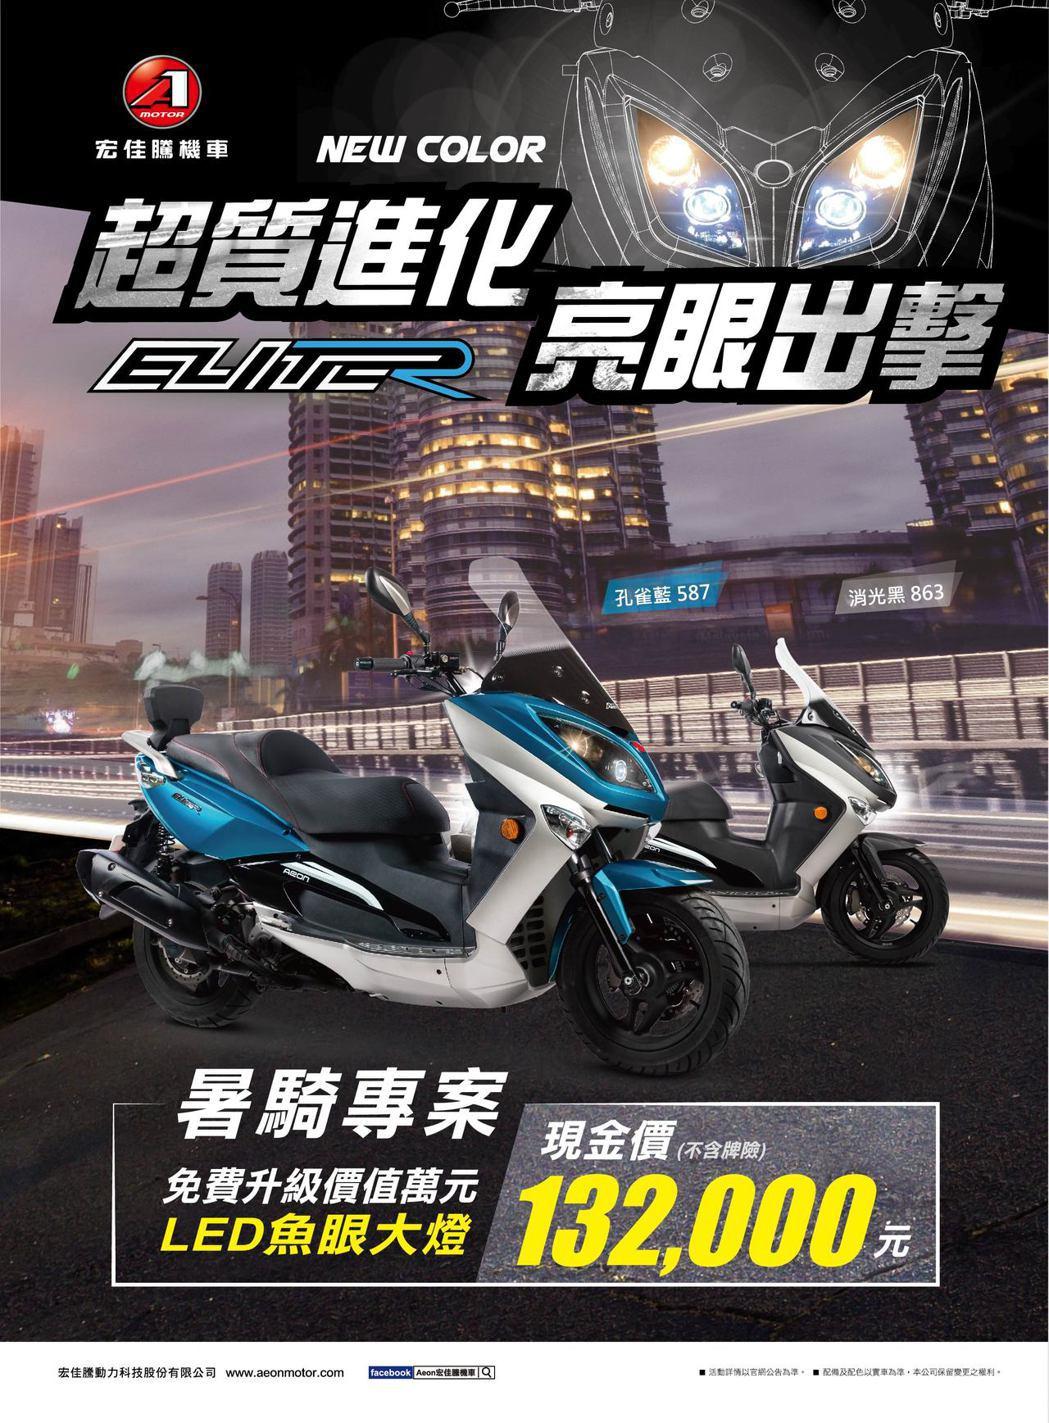 宏佳騰ELITE 300R升級版。 圖/宏佳騰提供